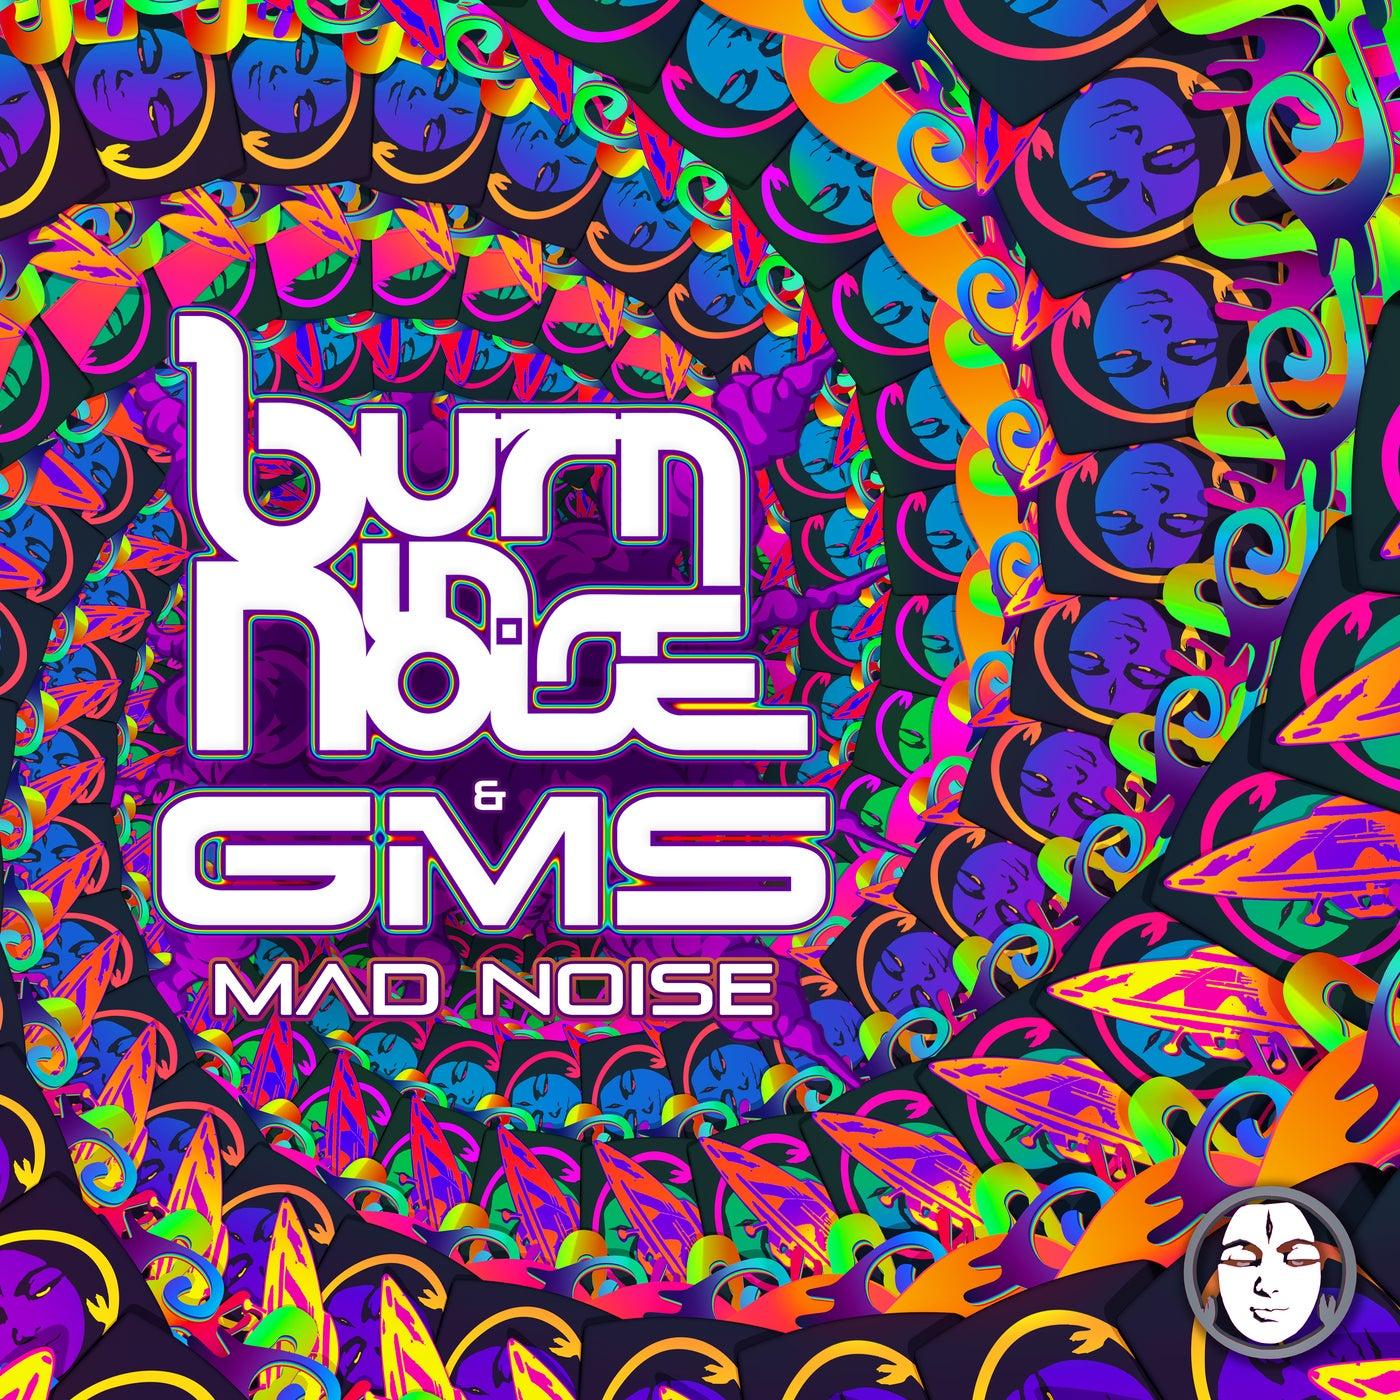 Mad Noise (Original Mix)